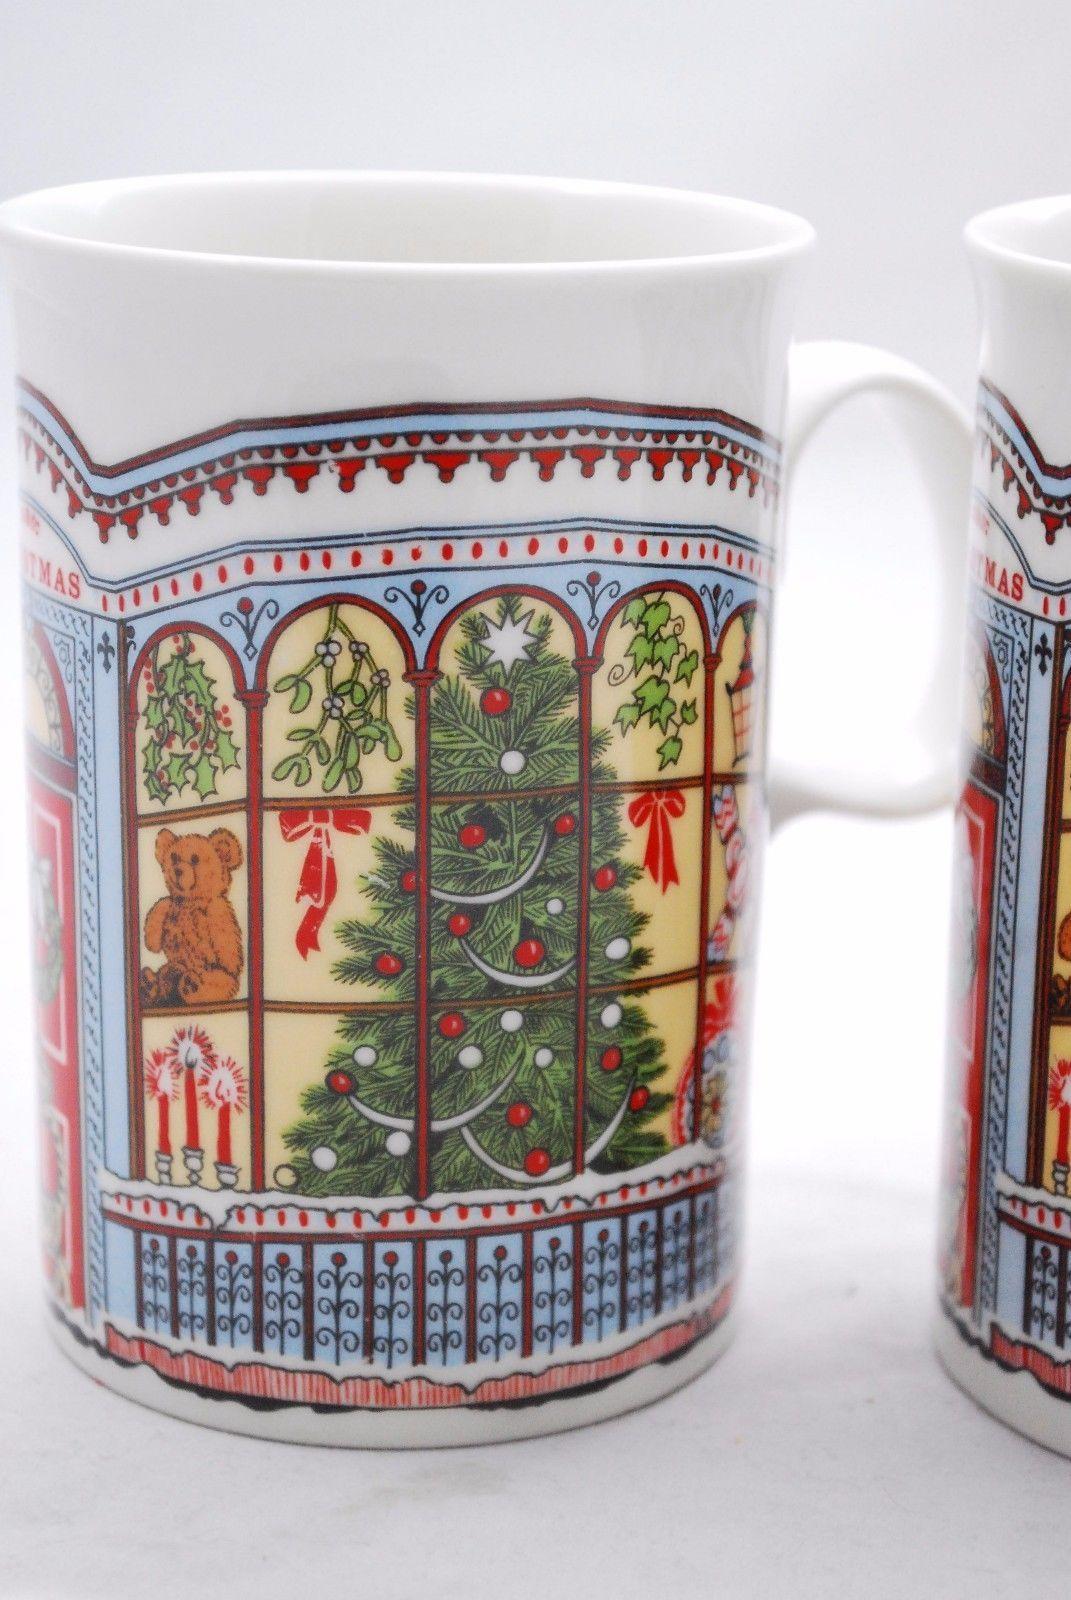 *2* DUNOON Victorian Christmas Mugs *Cat Front Door Window Tree Snow* Scotland